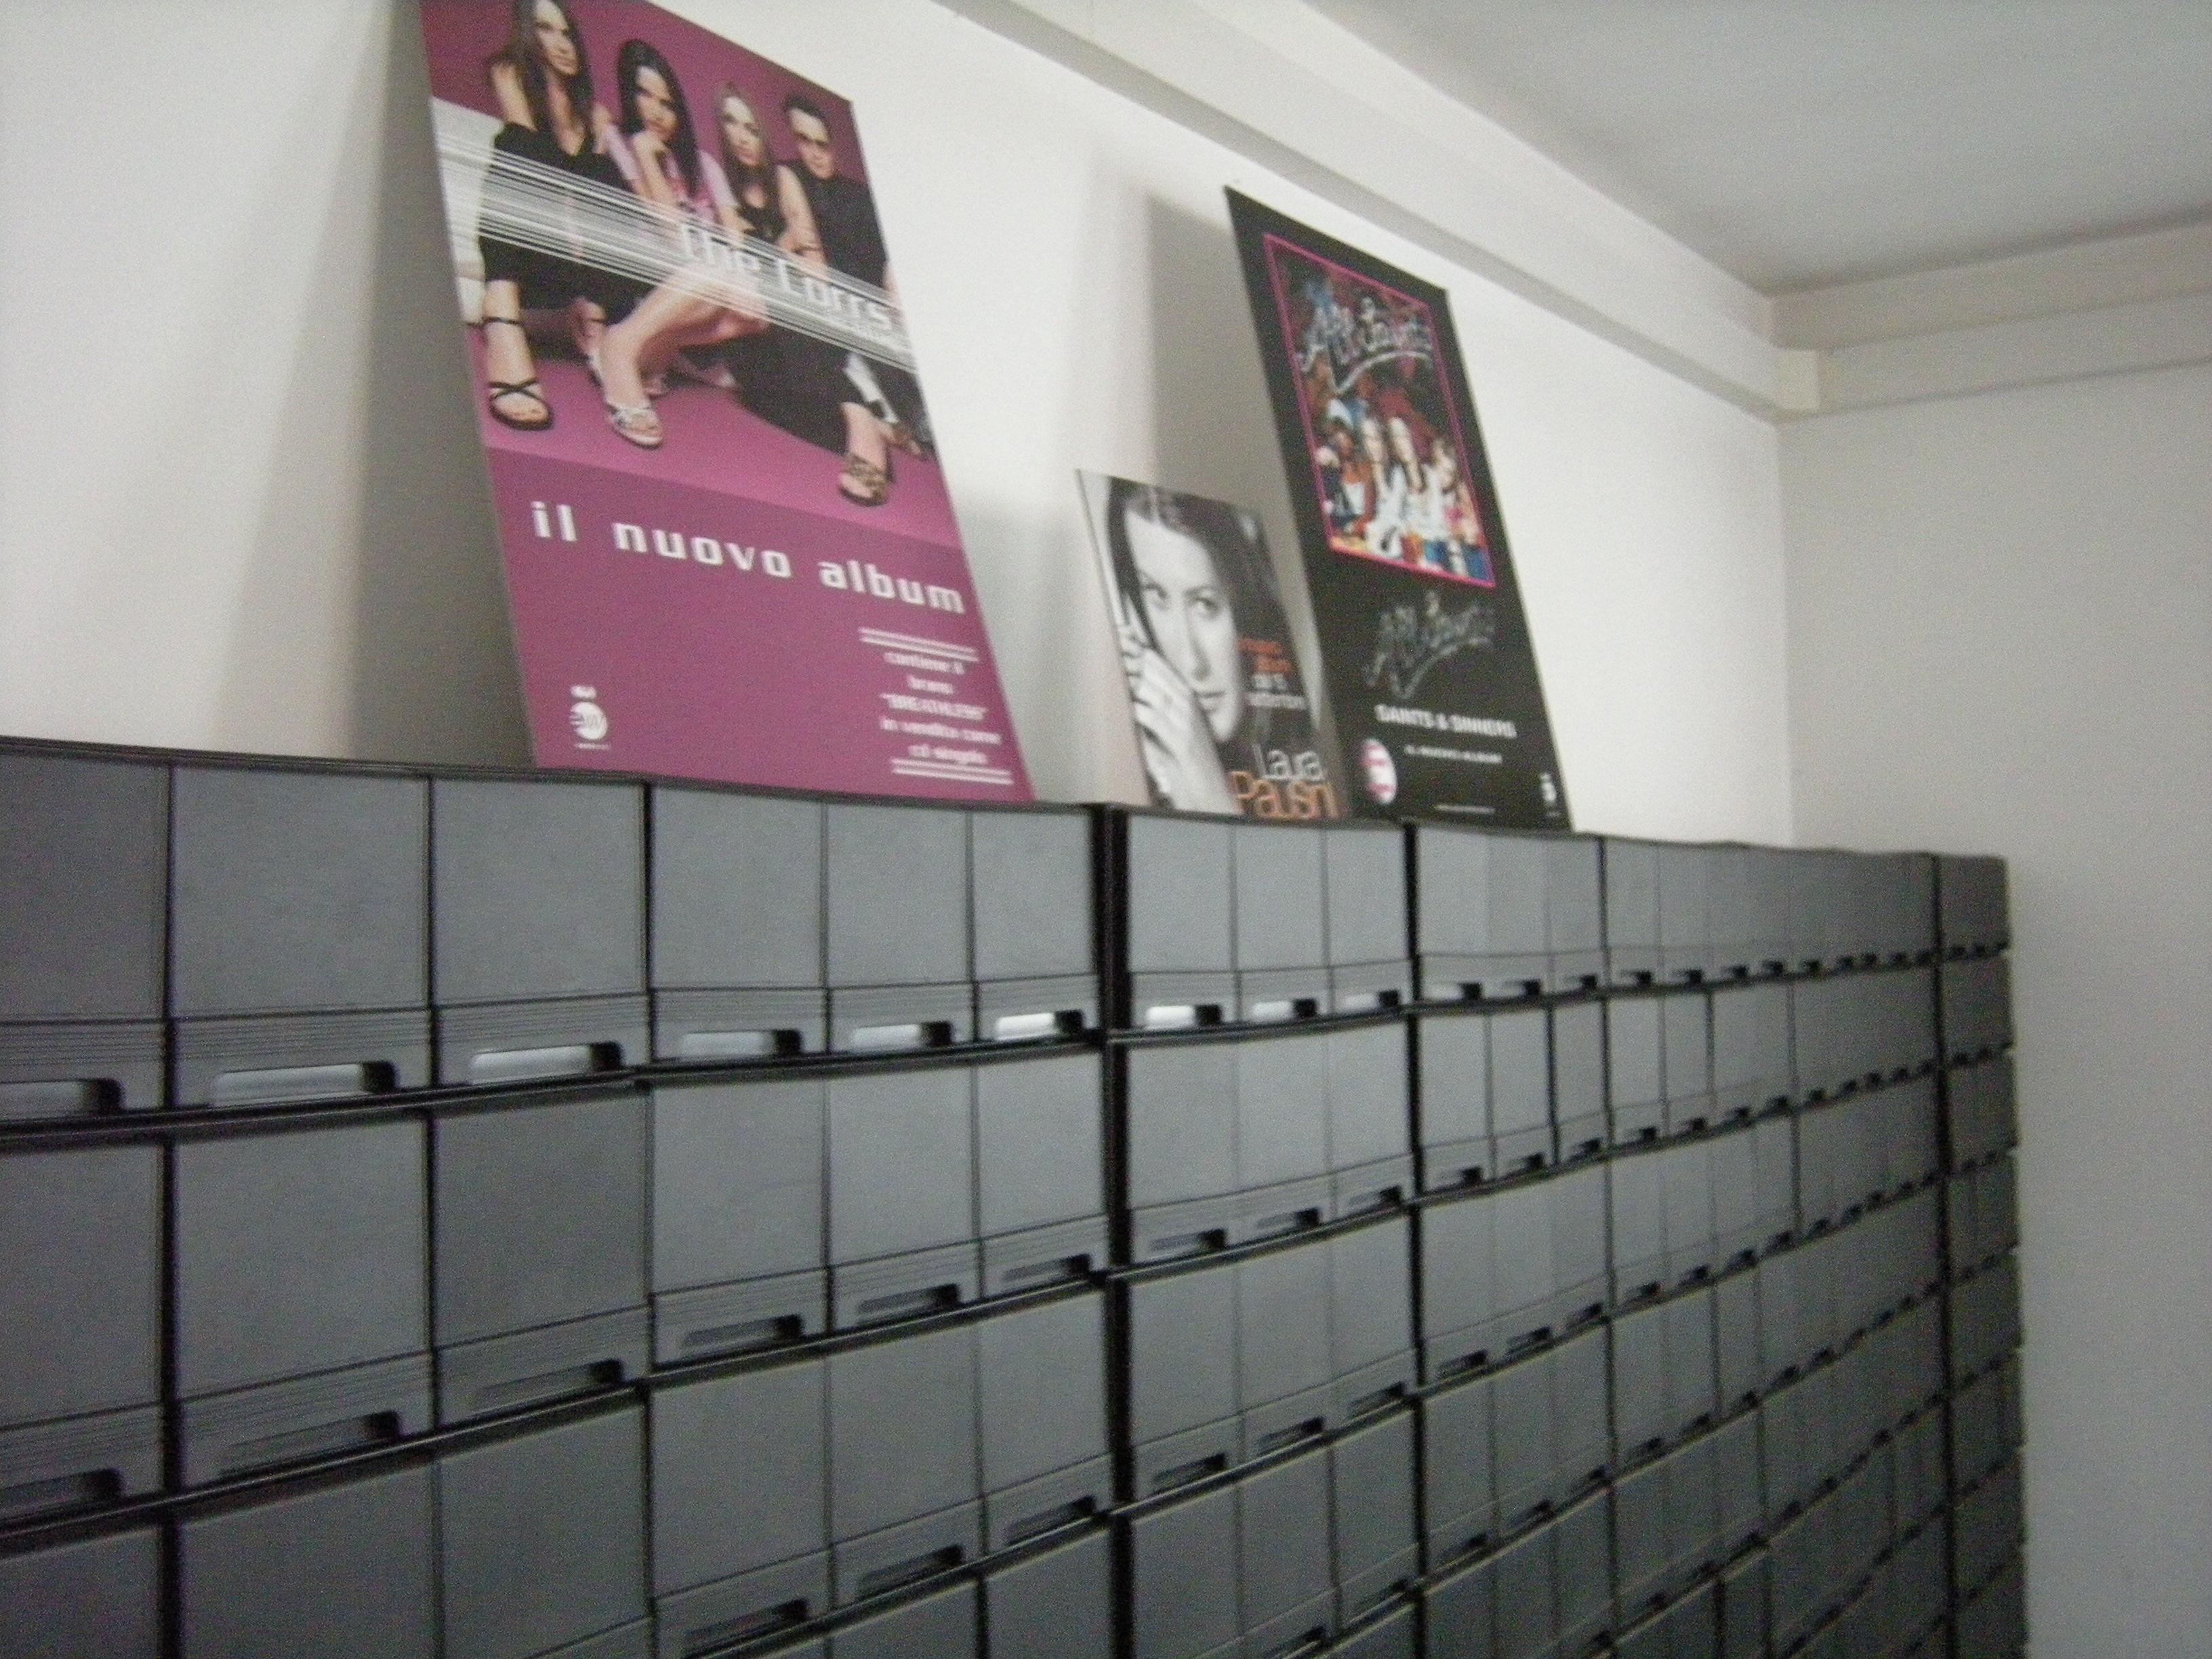 sala dischi cd radio city - Radio. Ricordi di un mondo che non c'è più: la sala dischi, orgoglio e simbolo della potenza musicale dell'emittente